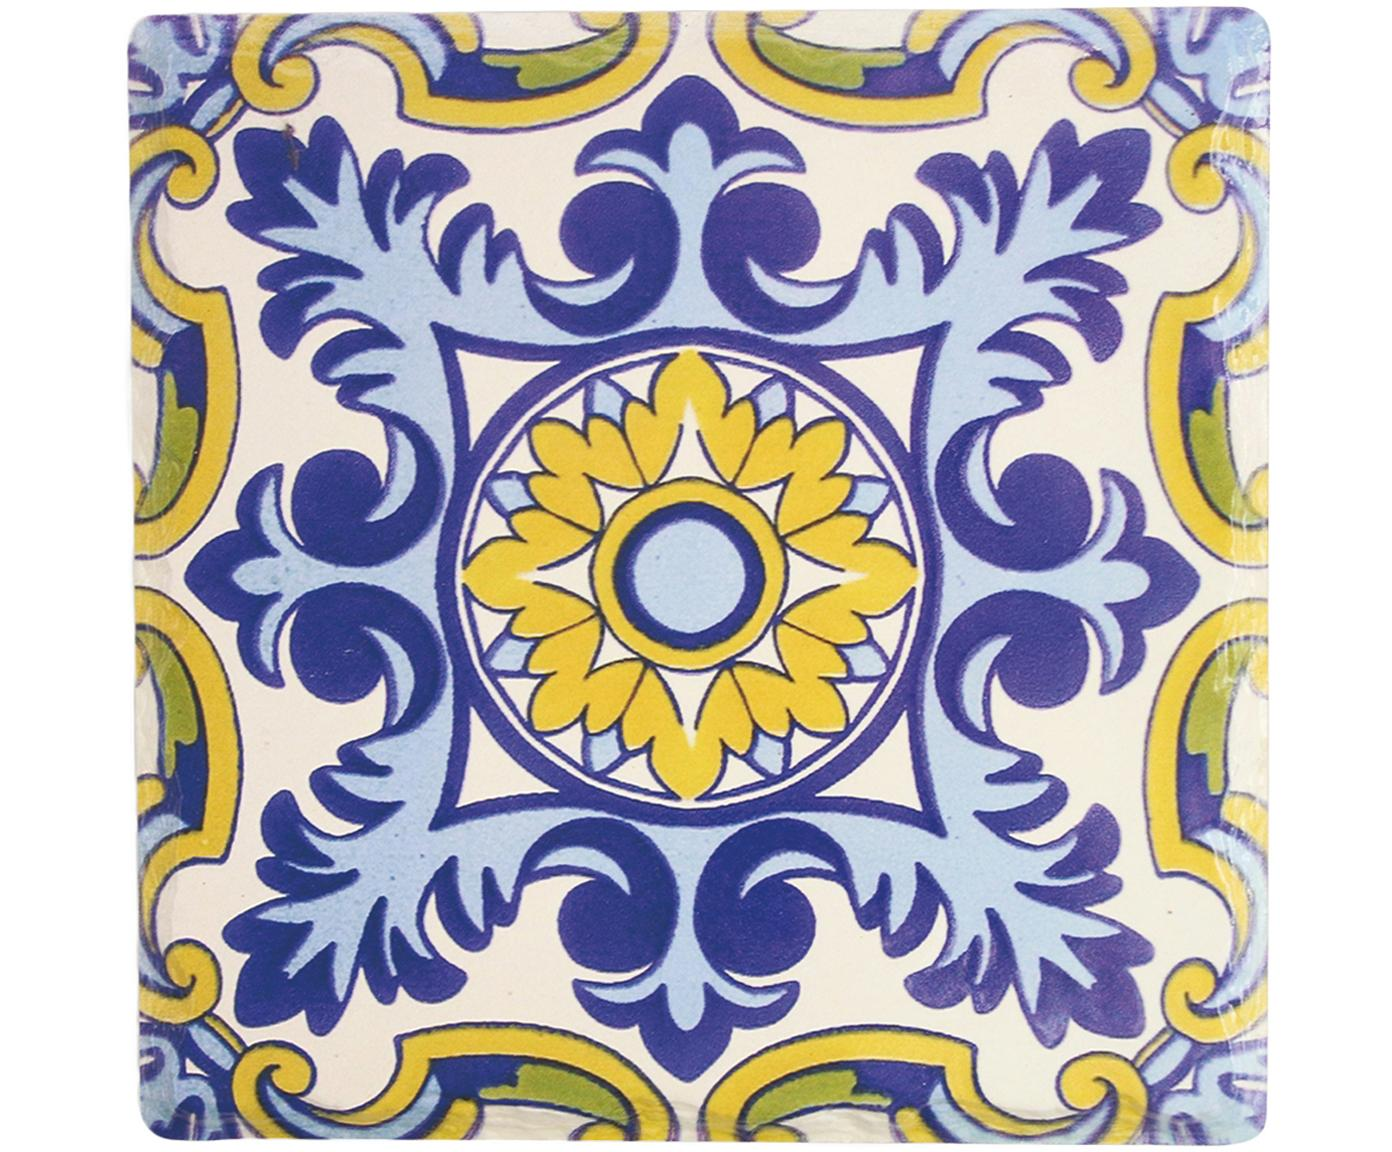 Komplet podstawek pod gorące naczynia, 4 elem., Ceramika, korek, Wielobarwny, S 16 x G 16 cm